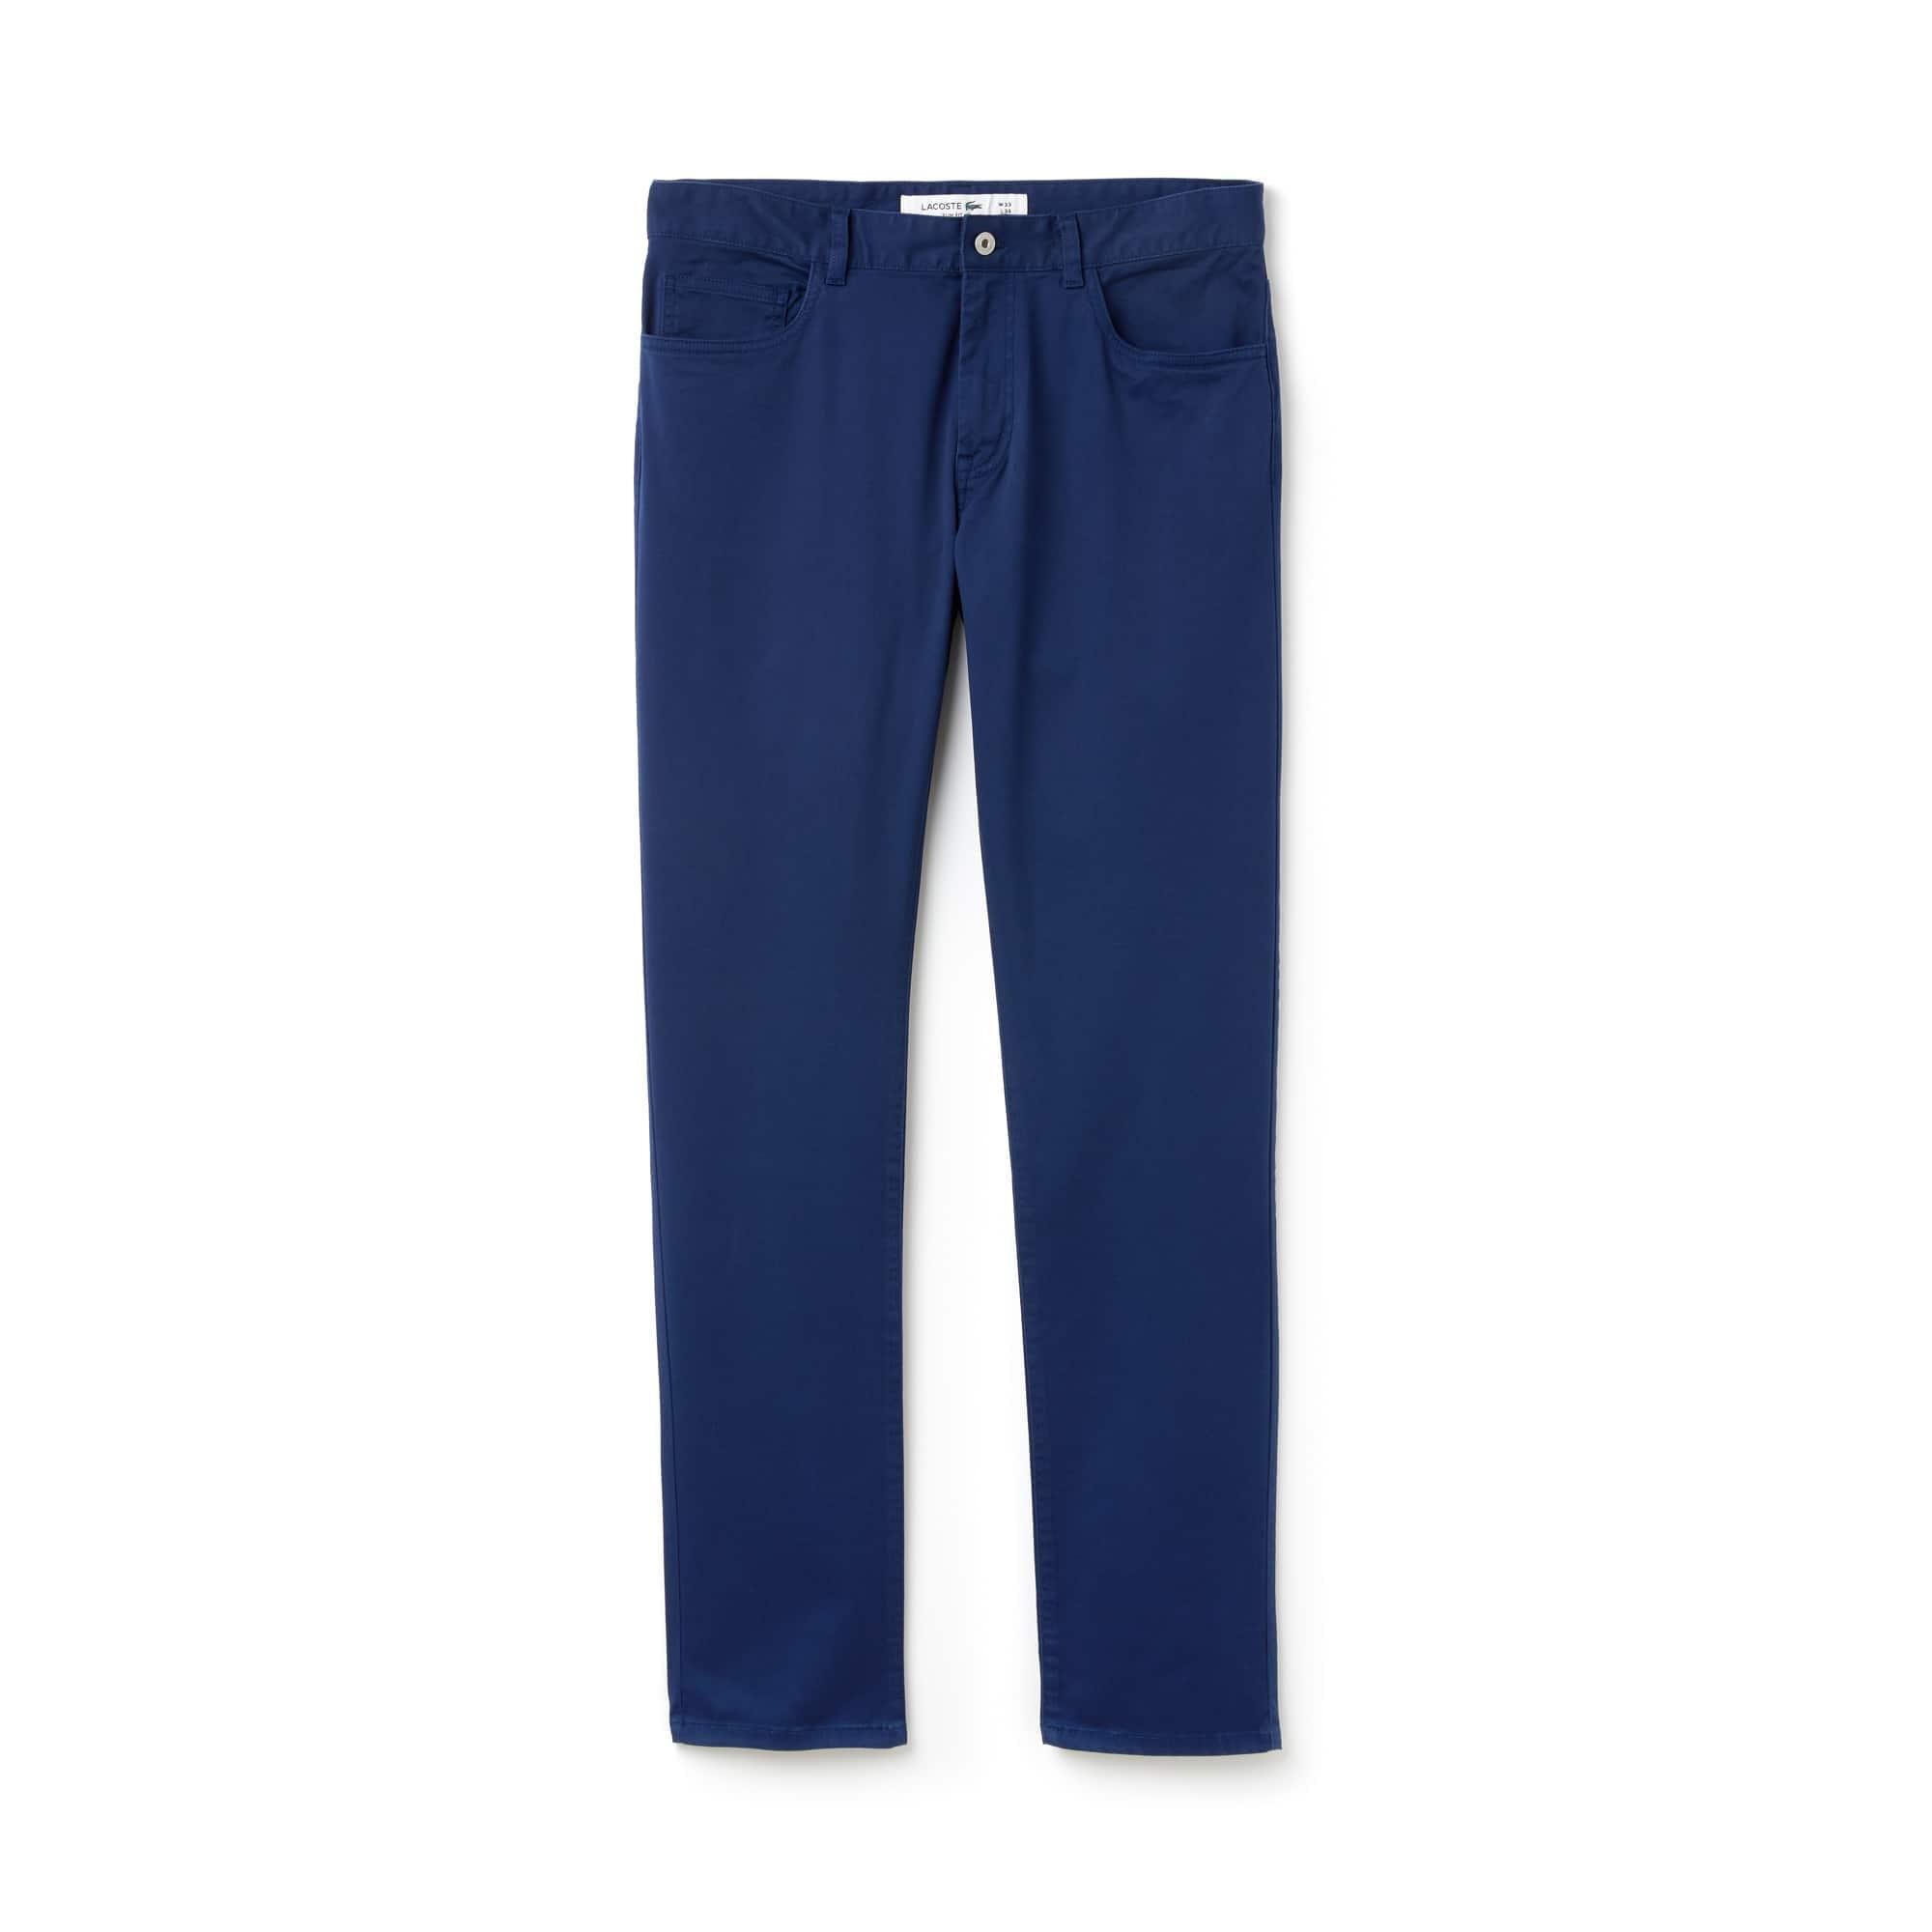 라코스테 Lacoste Mens Slim Fit Stretch Cotton Pants,navy blue